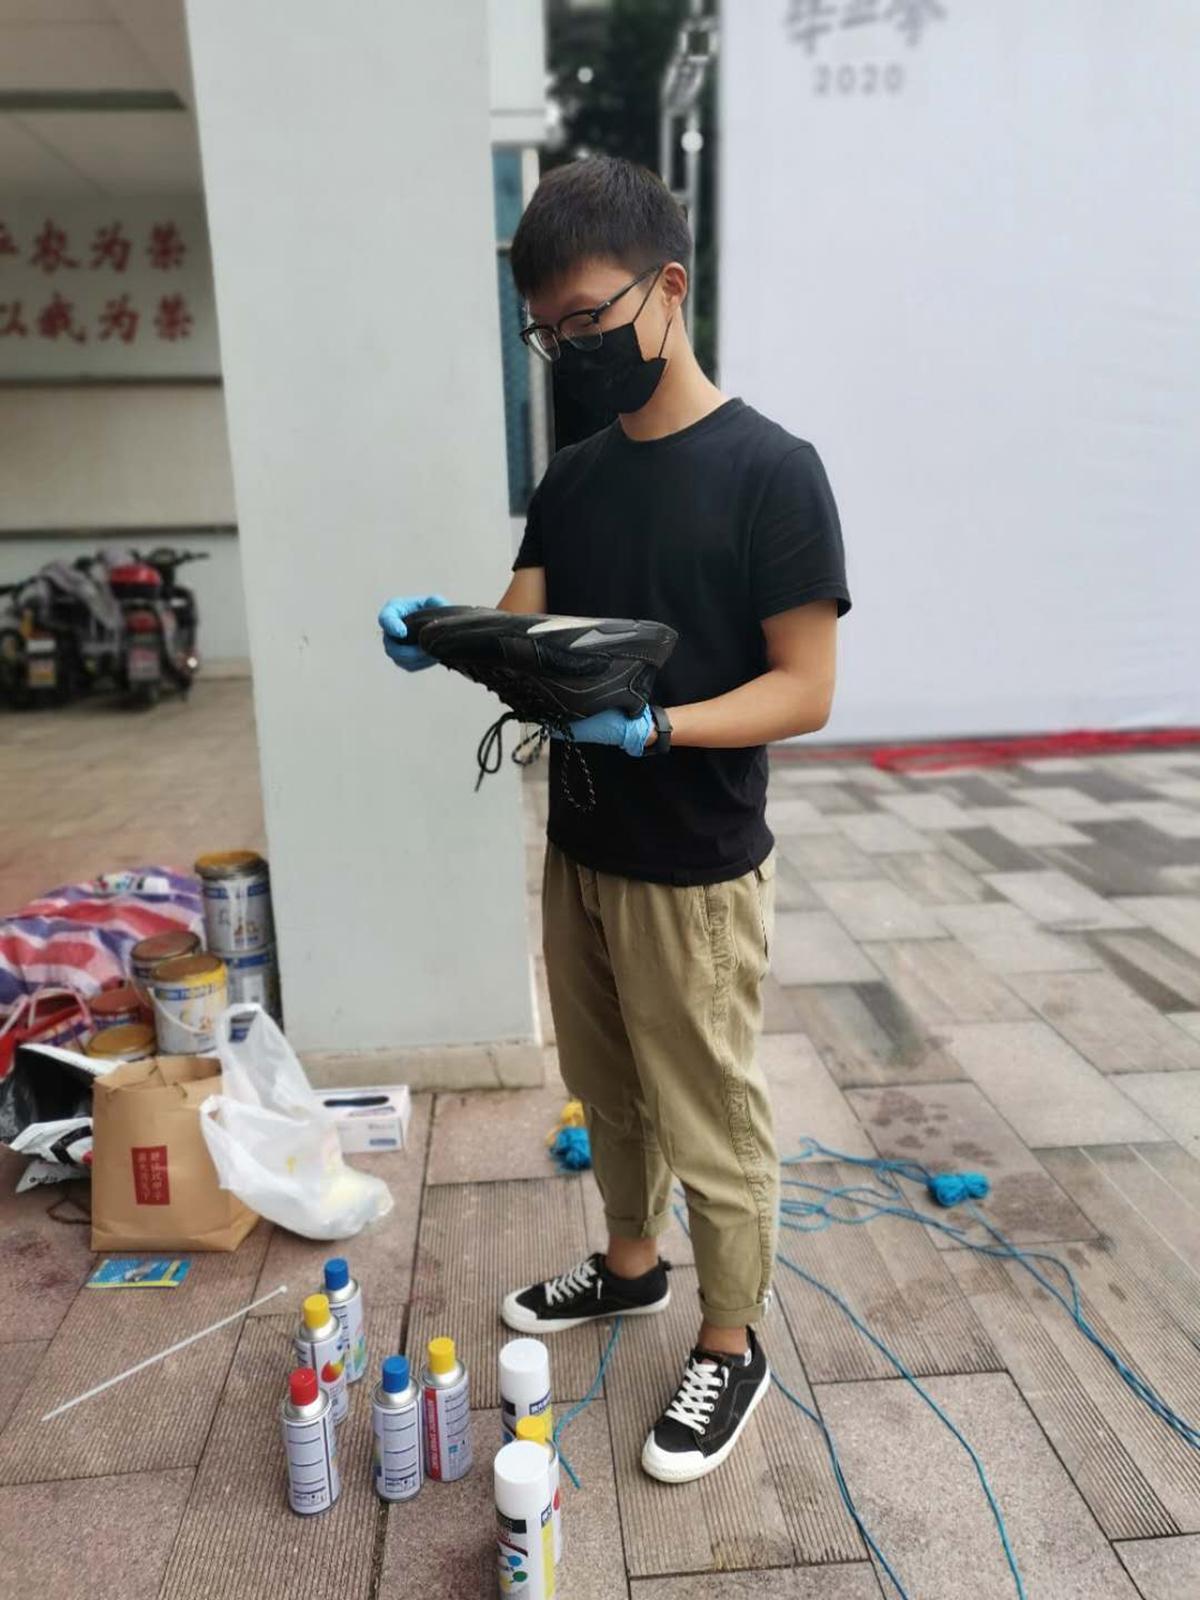 张朋飞和他的黑色运动鞋